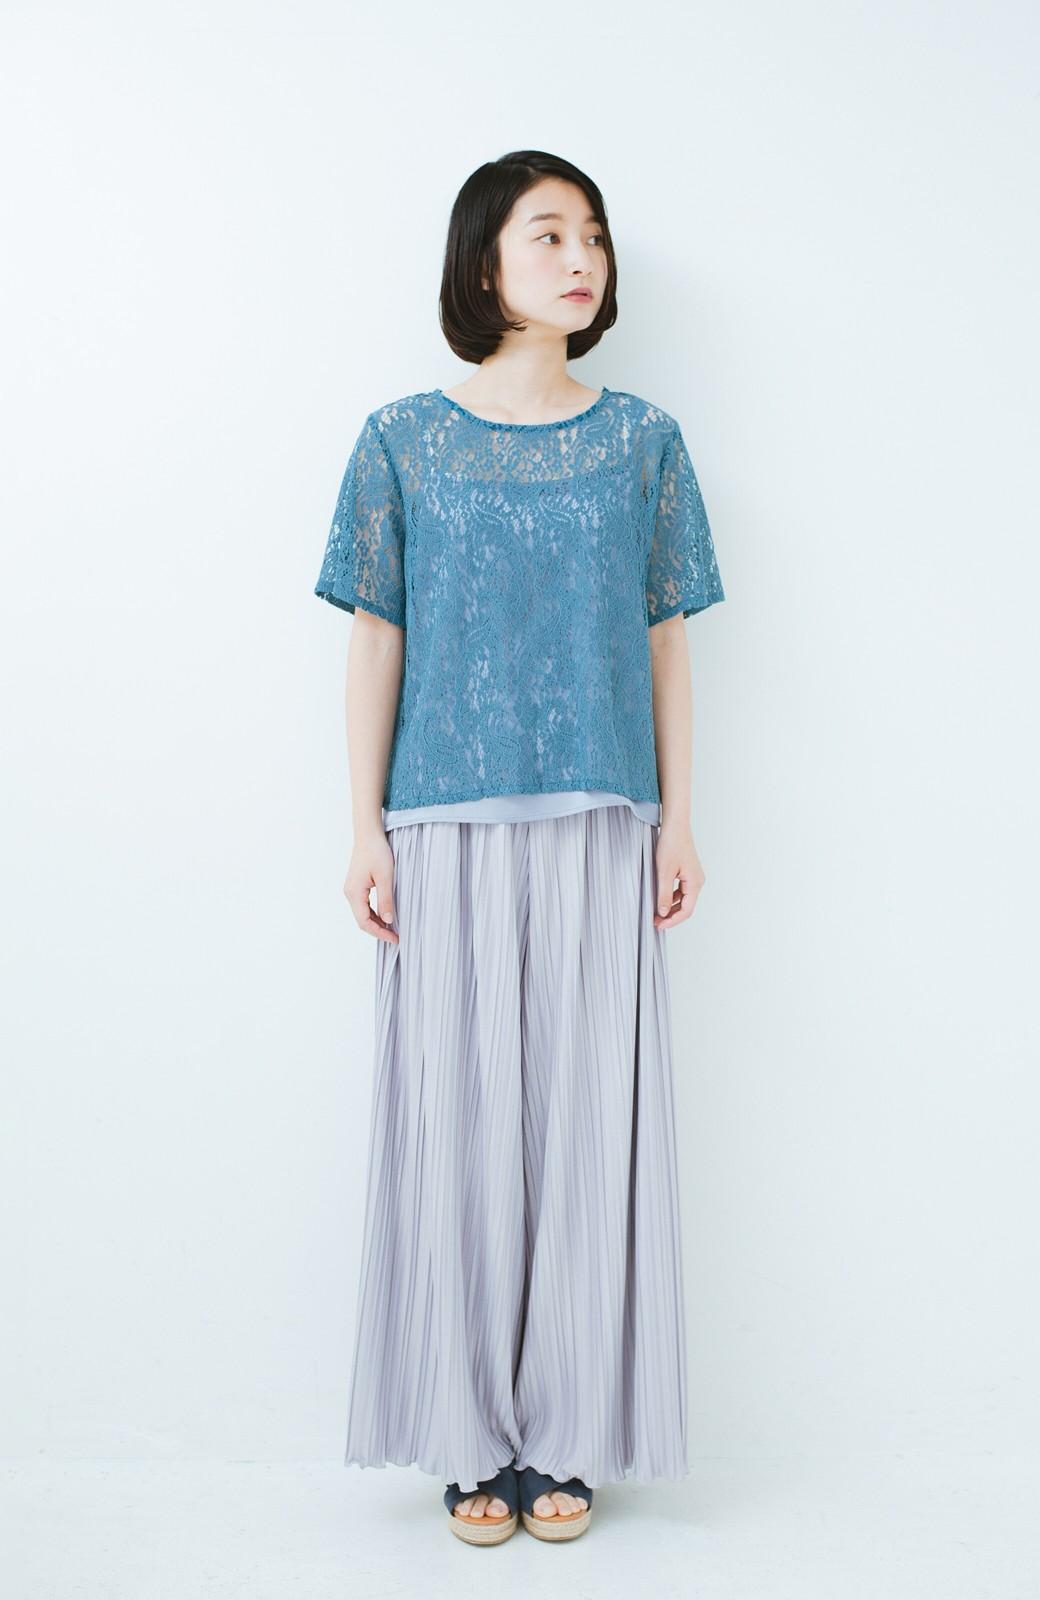 haco! いつものTシャツのかわりに着たい レースTブラウスとキャミソールセット <ブルー>の商品写真6